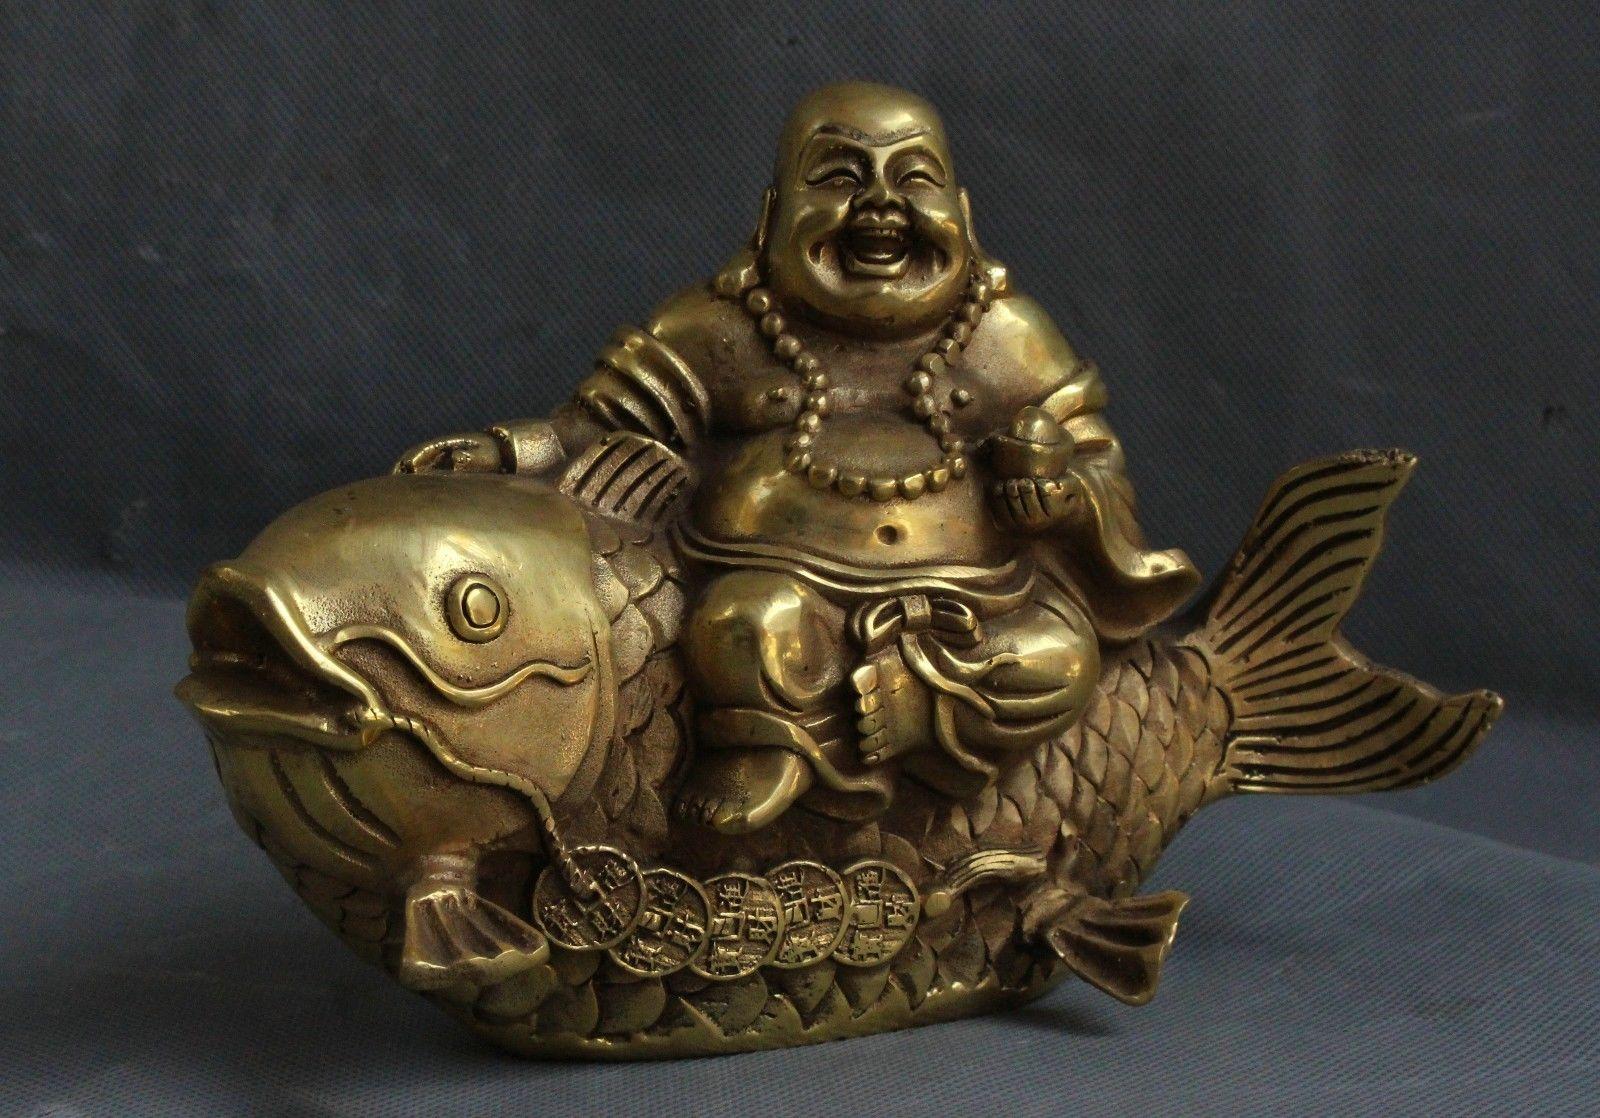 China Bronze Brass Yuan bao wealth Happy Laugh Maitreya Buddha Ride Fish StatueChina Bronze Brass Yuan bao wealth Happy Laugh Maitreya Buddha Ride Fish Statue